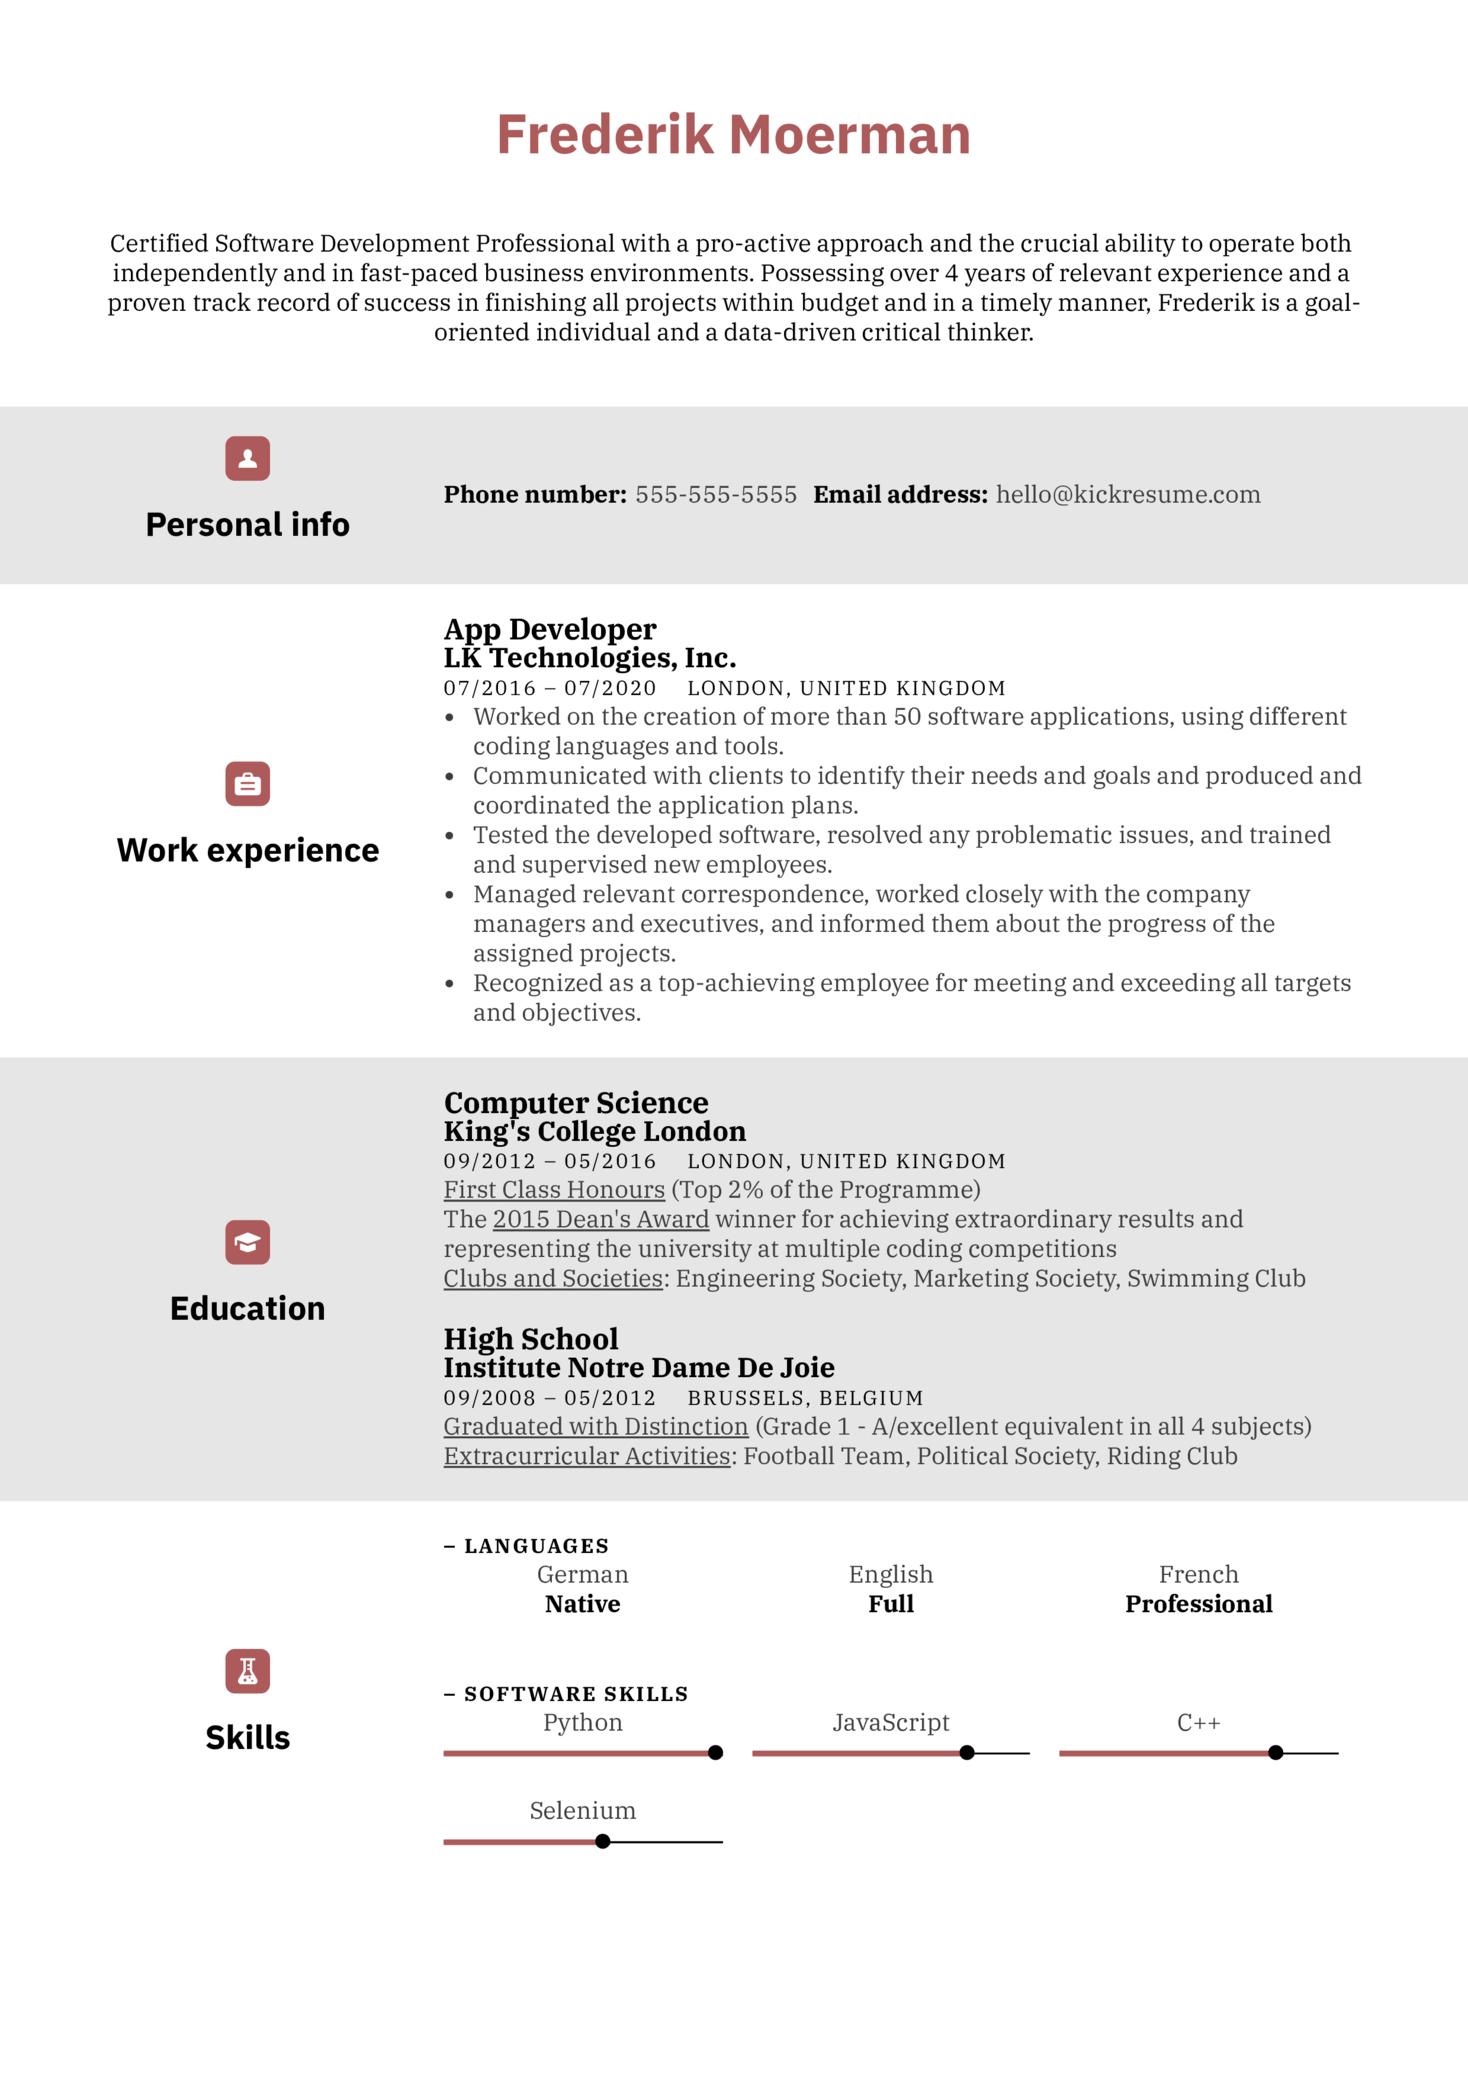 App Developer Resume Example (Part 1)